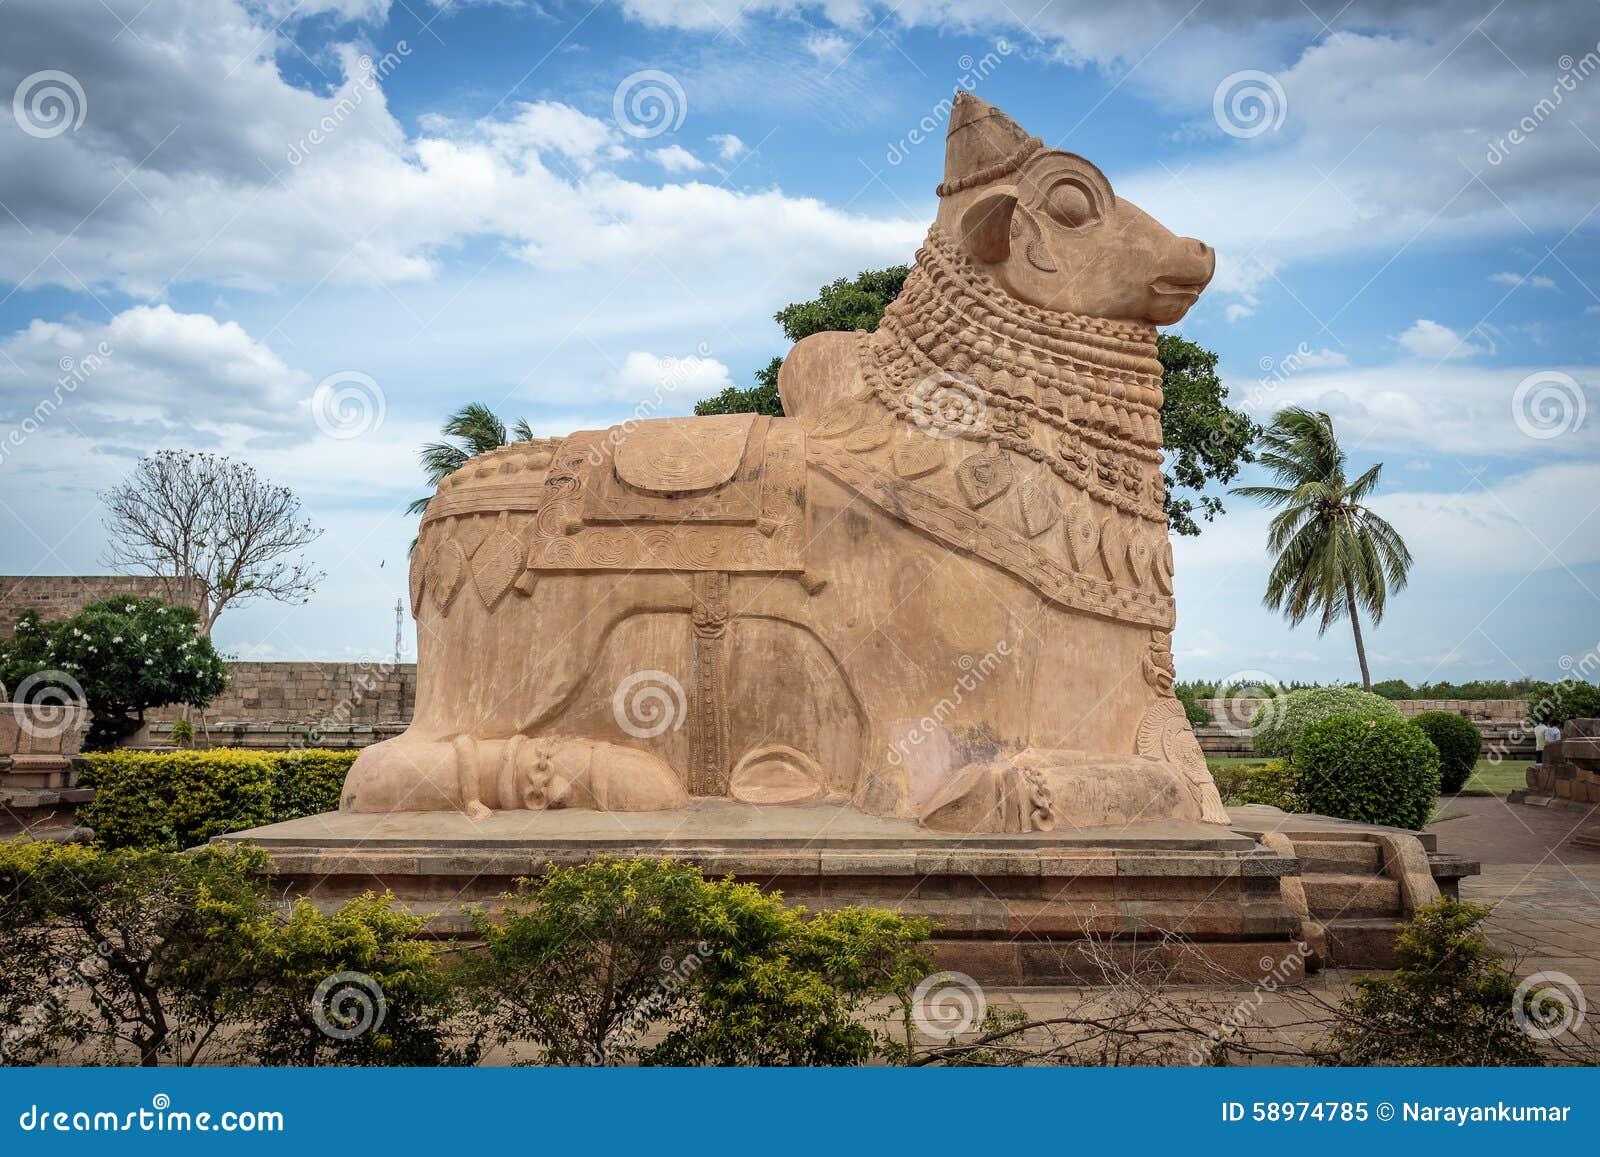 Статуя Nandi (Bull) в старом индусском виске